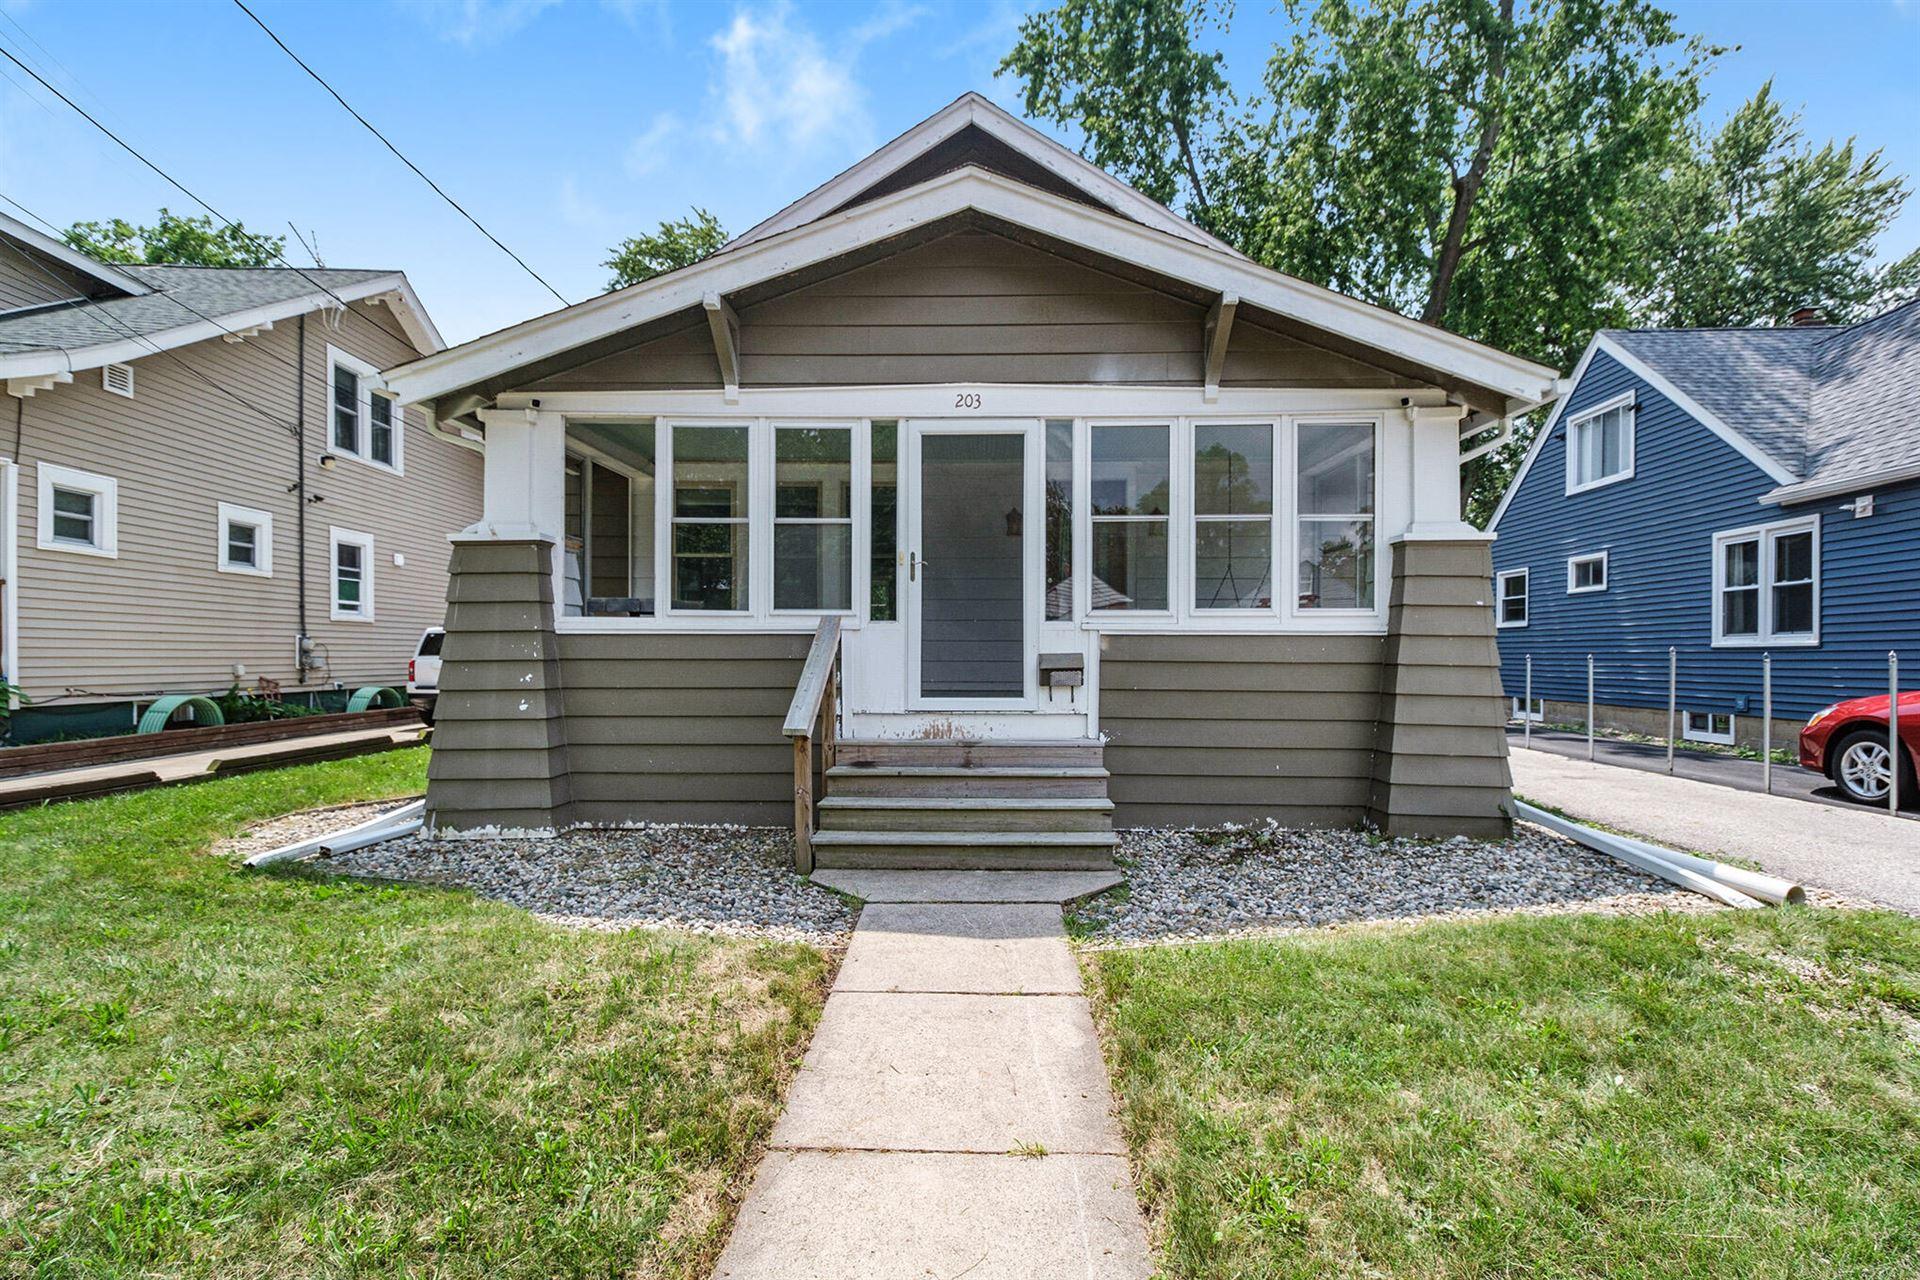 203 Winter Street, Battle Creek, MI 49015 - MLS#: 21027990